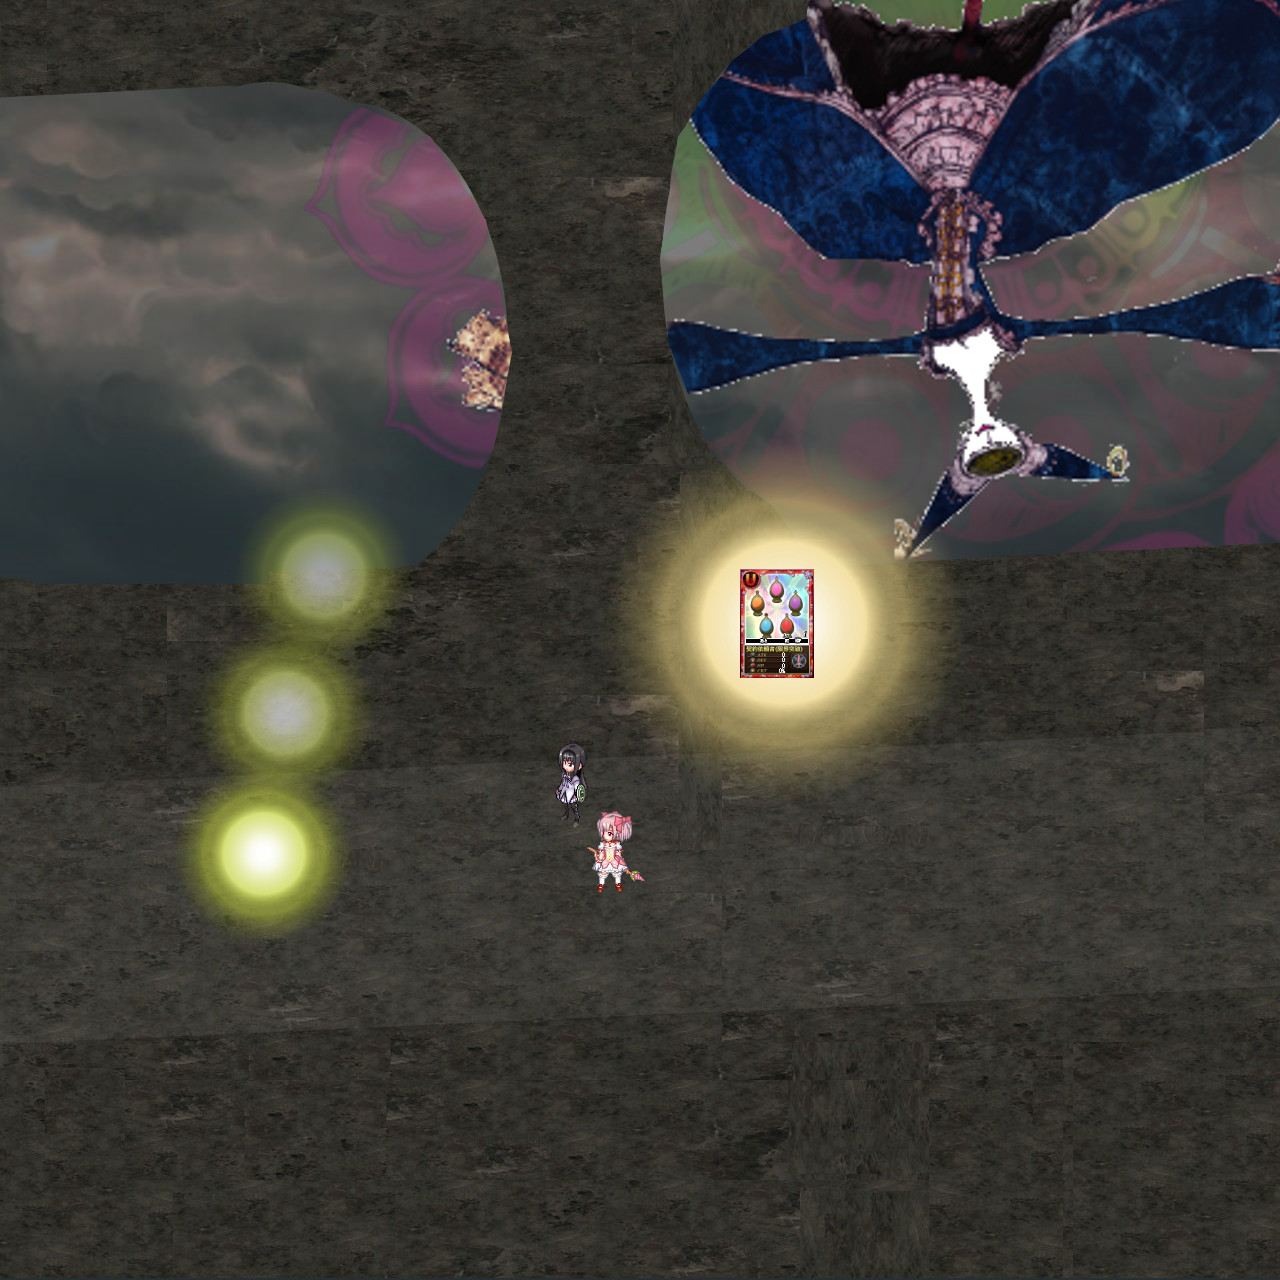 ワルプルギスの夜背天空の戦い69-16